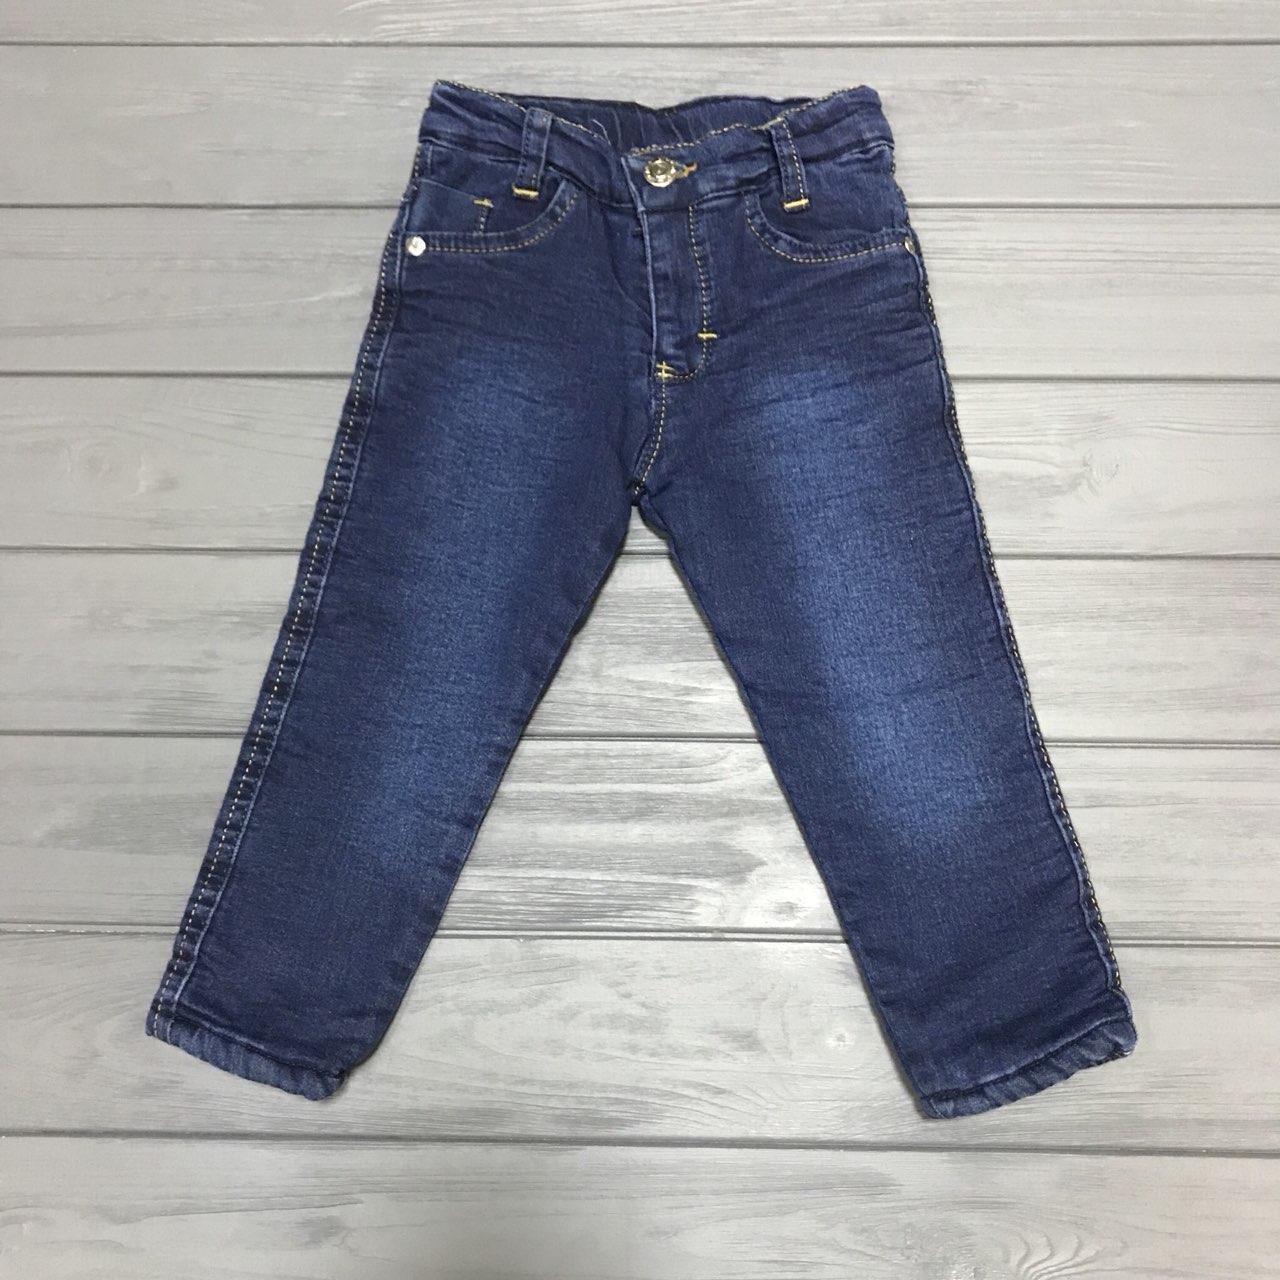 Детские джинсы на меху для мальчиков 5-8 лет оптом f866a33e603a9